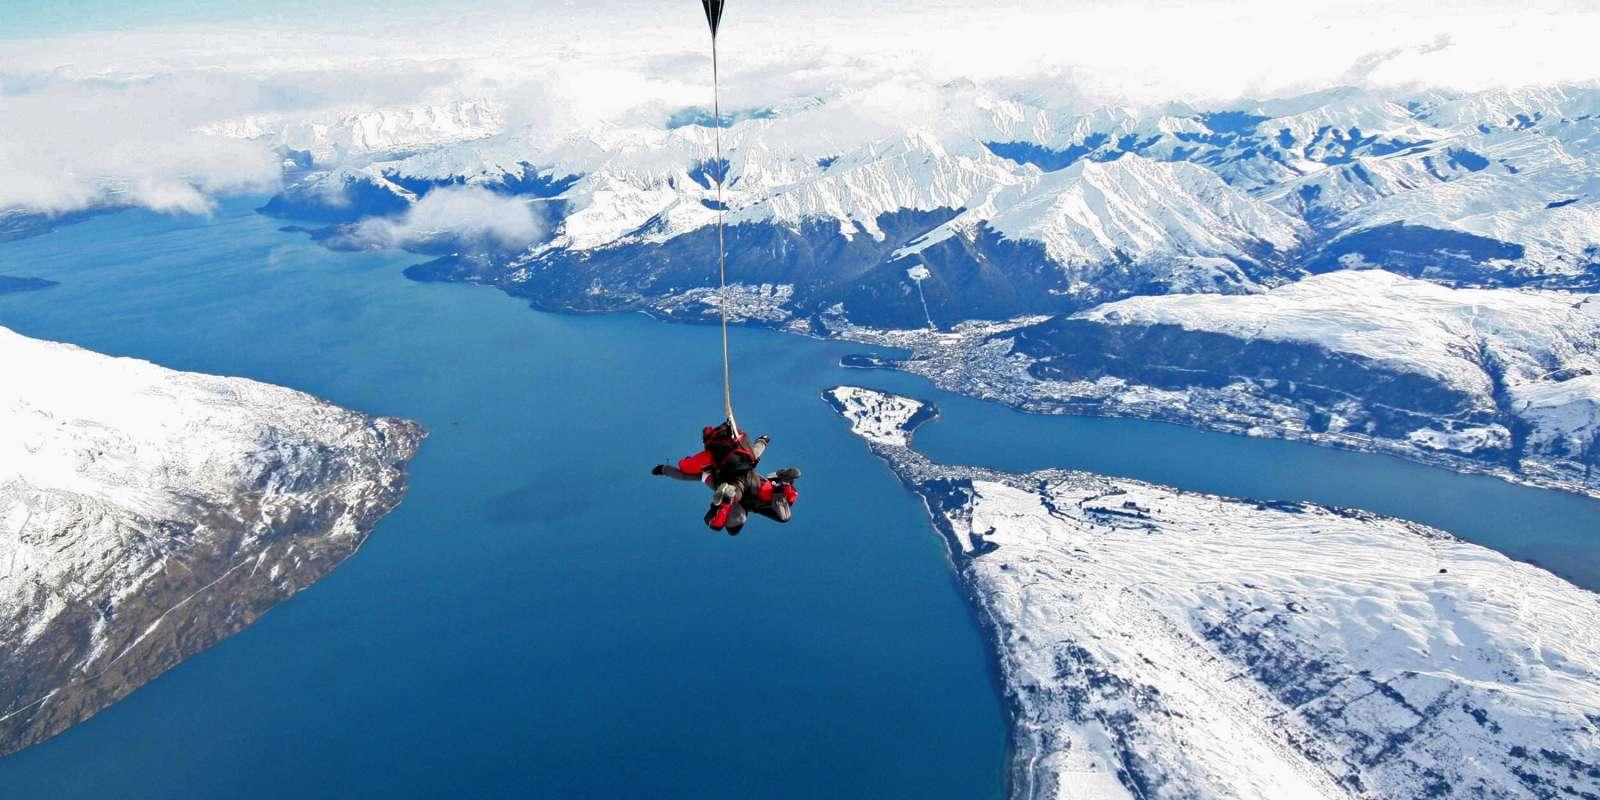 Nzone Skydive Queenstown Winter